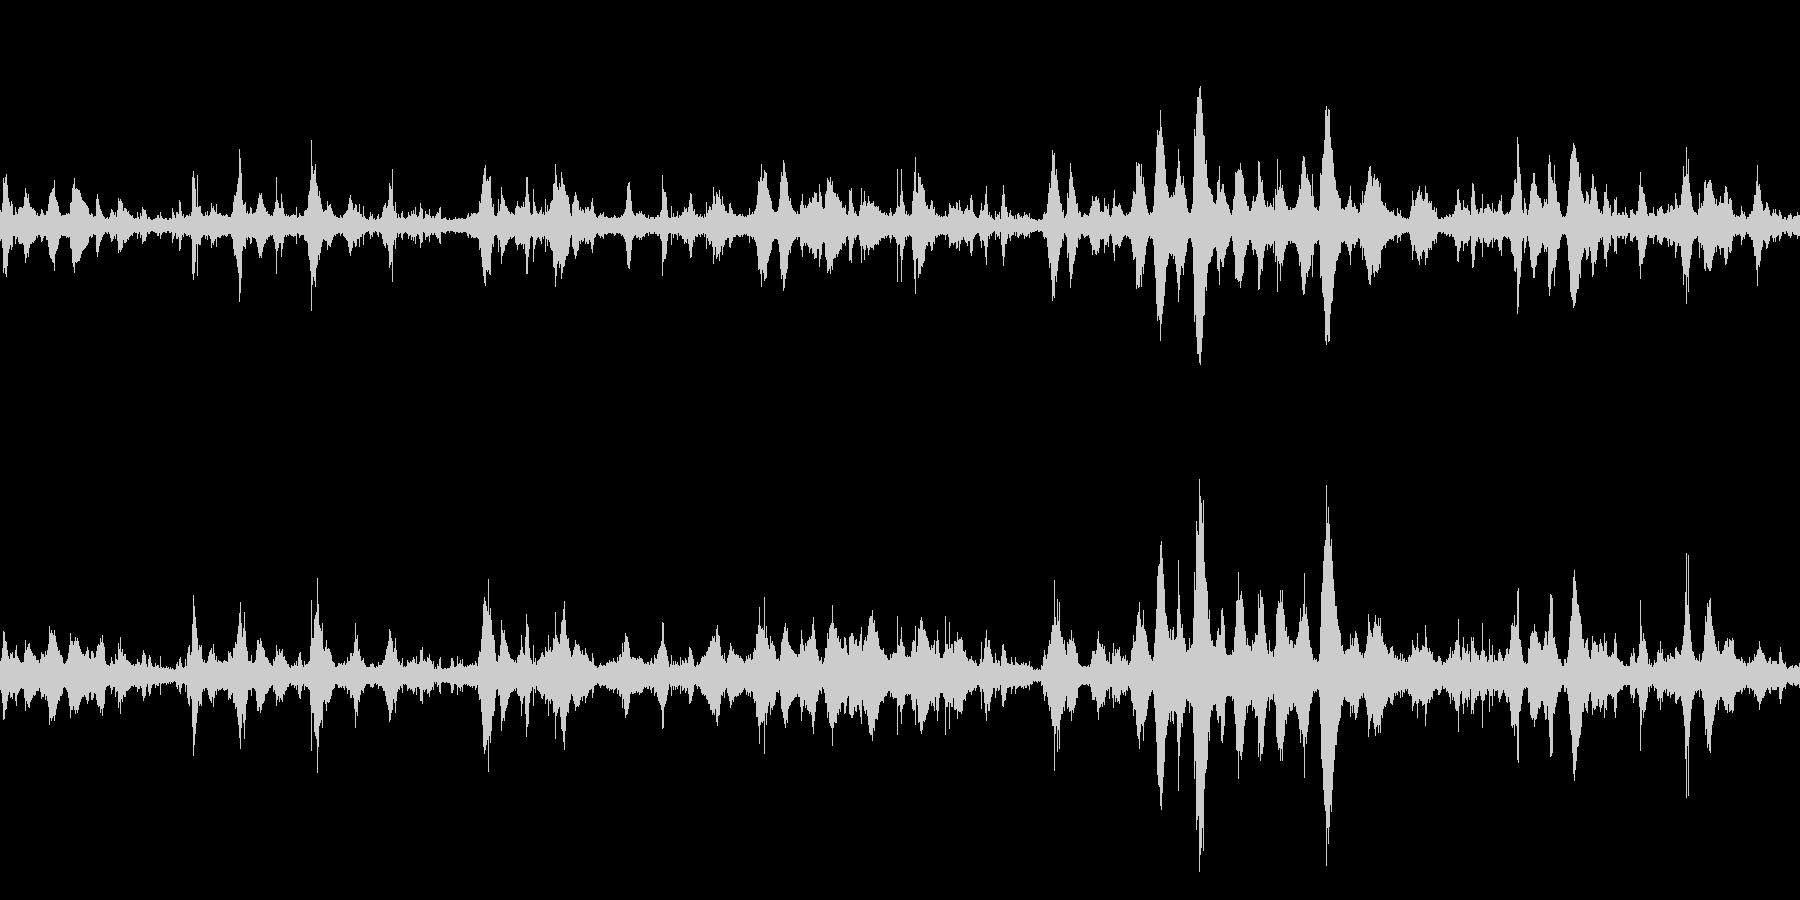 大浜海岸の波の音 10 【徳島】ループの未再生の波形